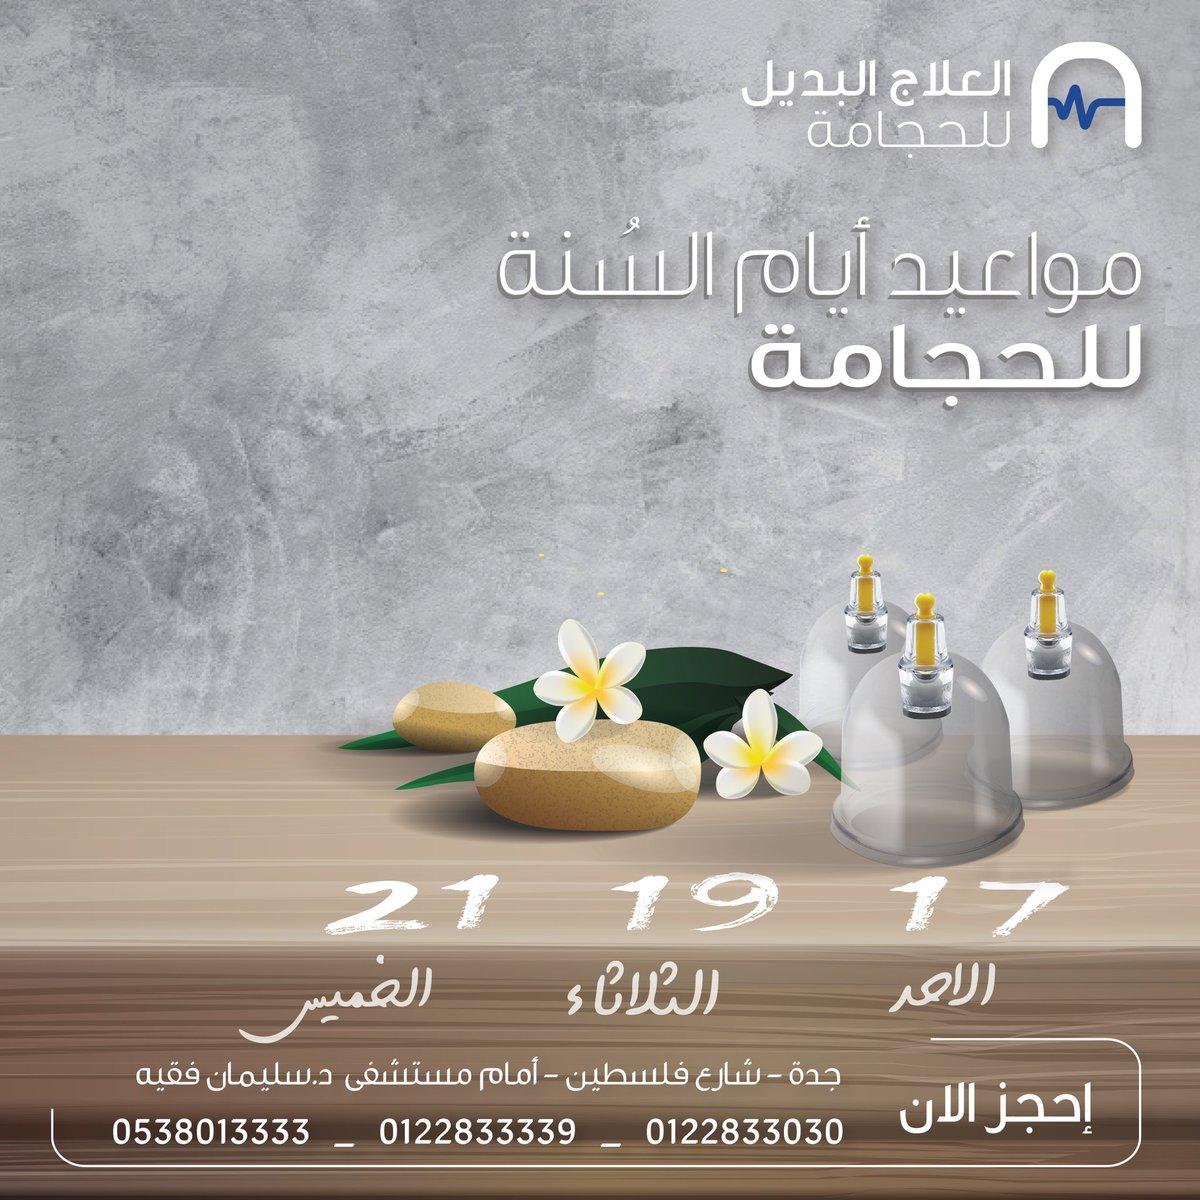 مواعيد الحجامة في رمضان